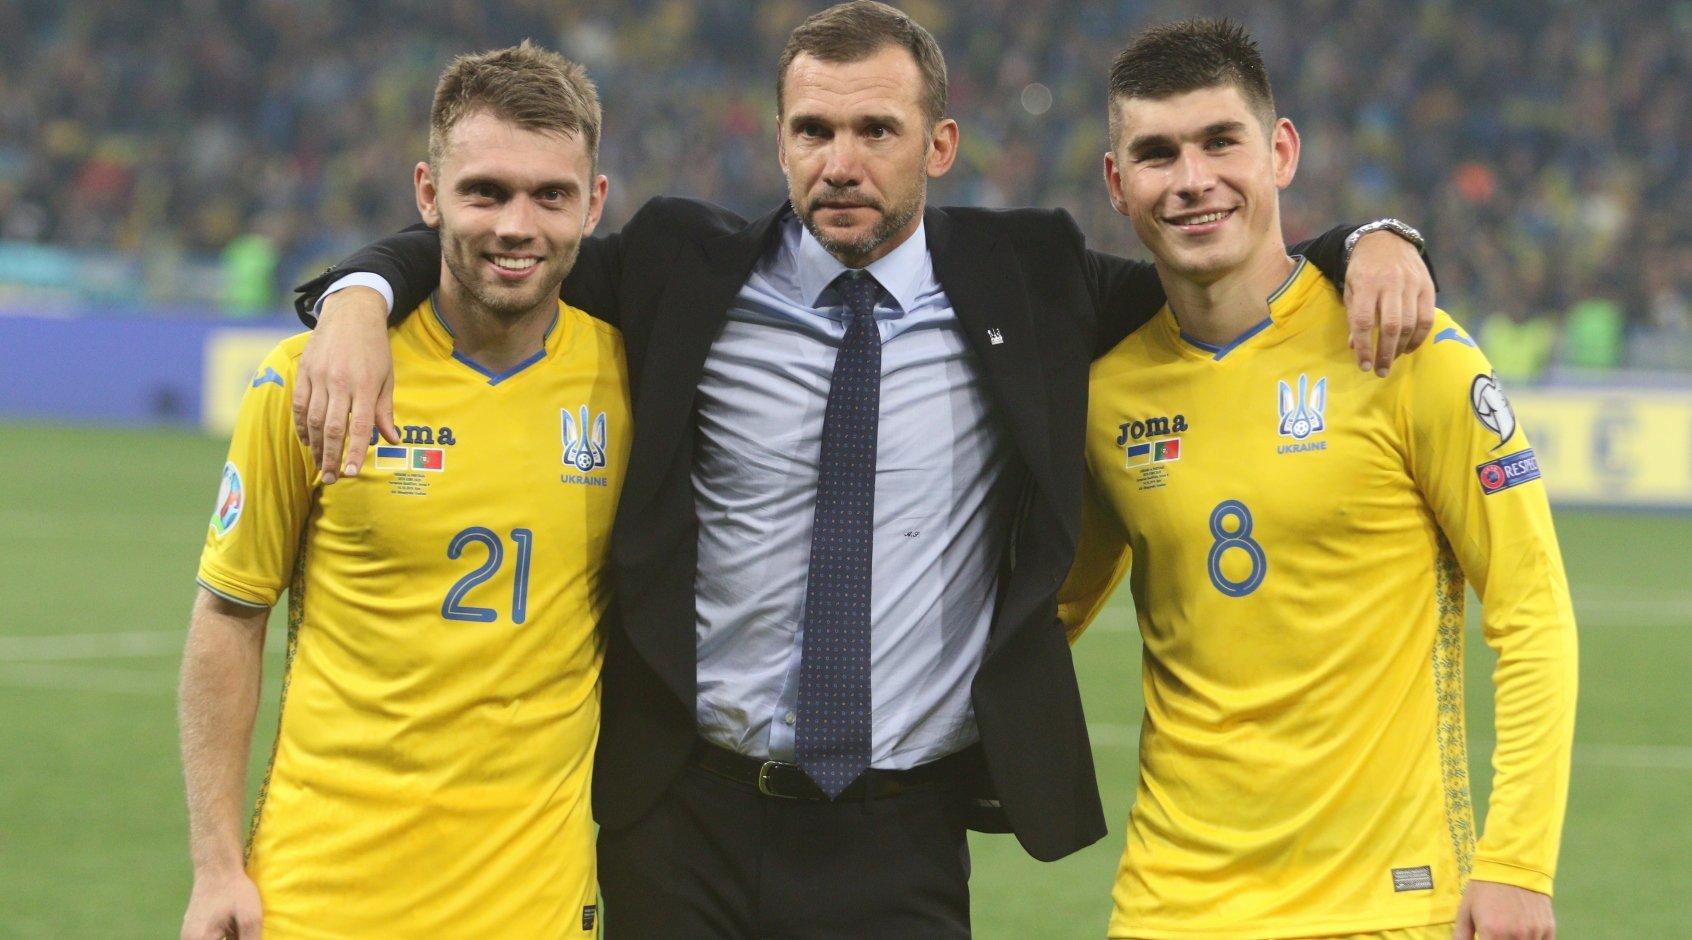 Как журнал FourFourTwo представил сборную Украины и их соперников на Евро-2020 - изображение 1